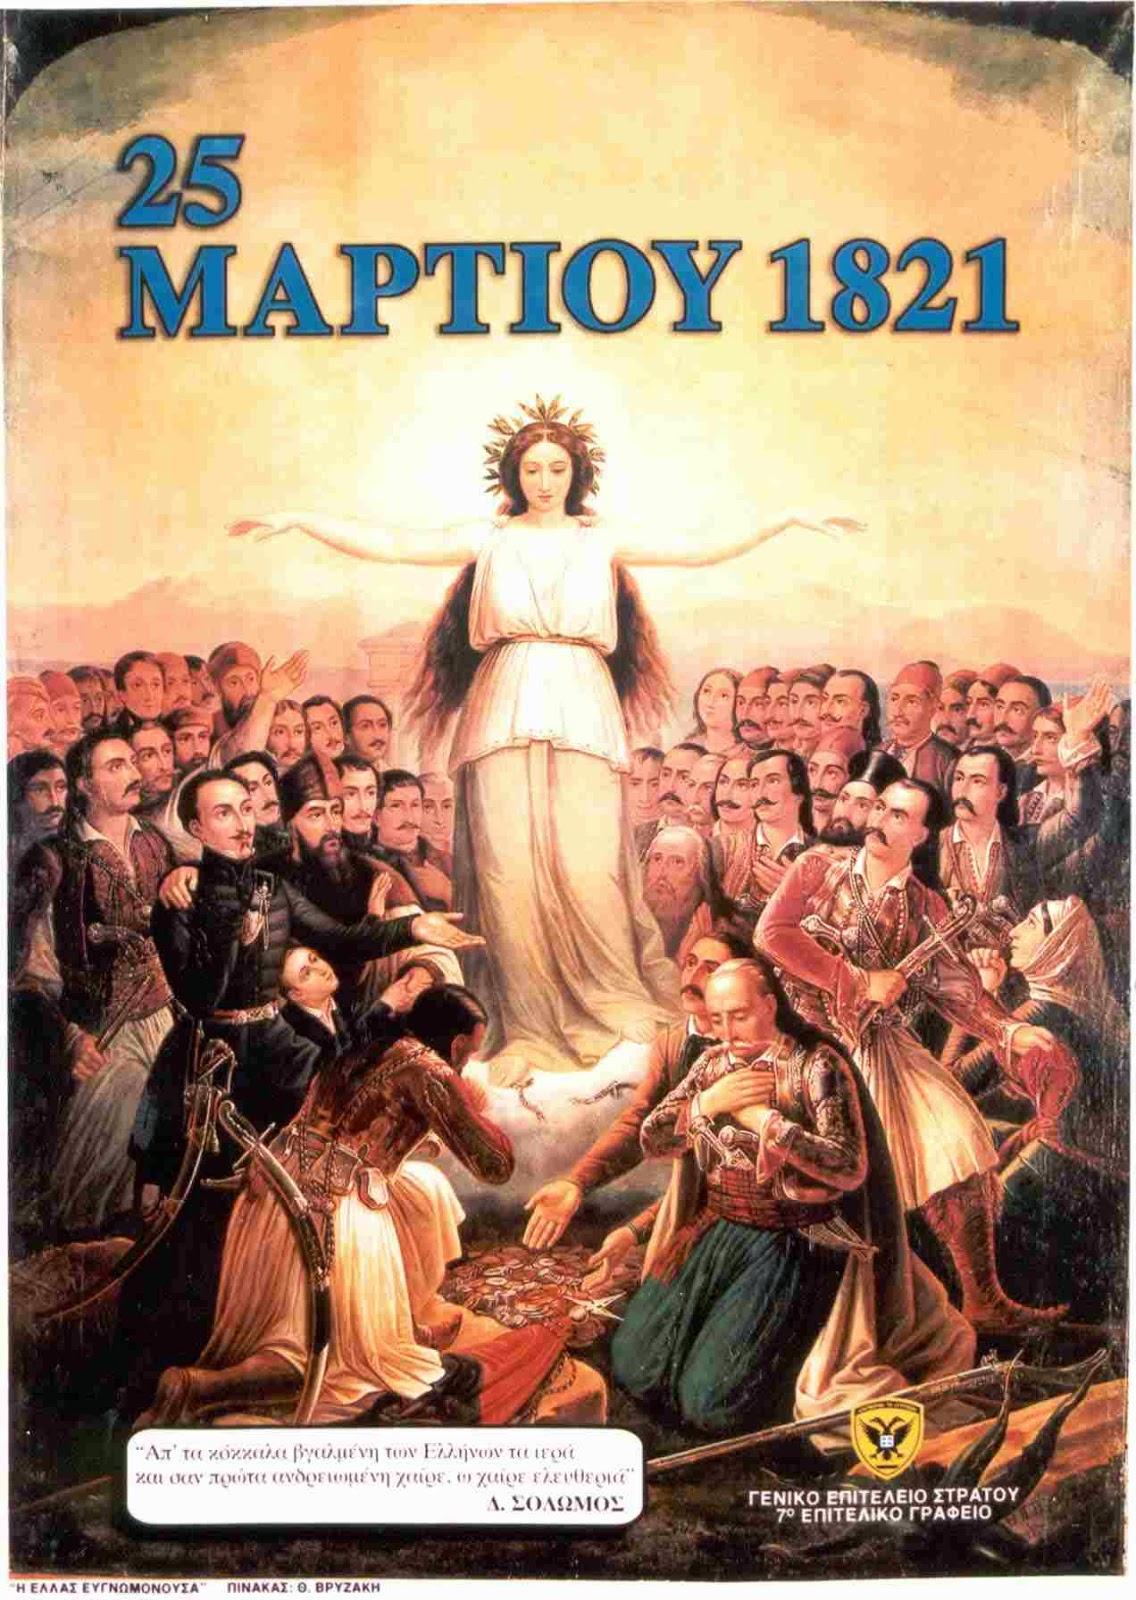 Ζήτω η 25η Μαρτίου -  Χρόνια πολλά σε όλους τους Έλληνες που μάχονται ακόμη ζητώντας δικαίωση και ελευθερία...!